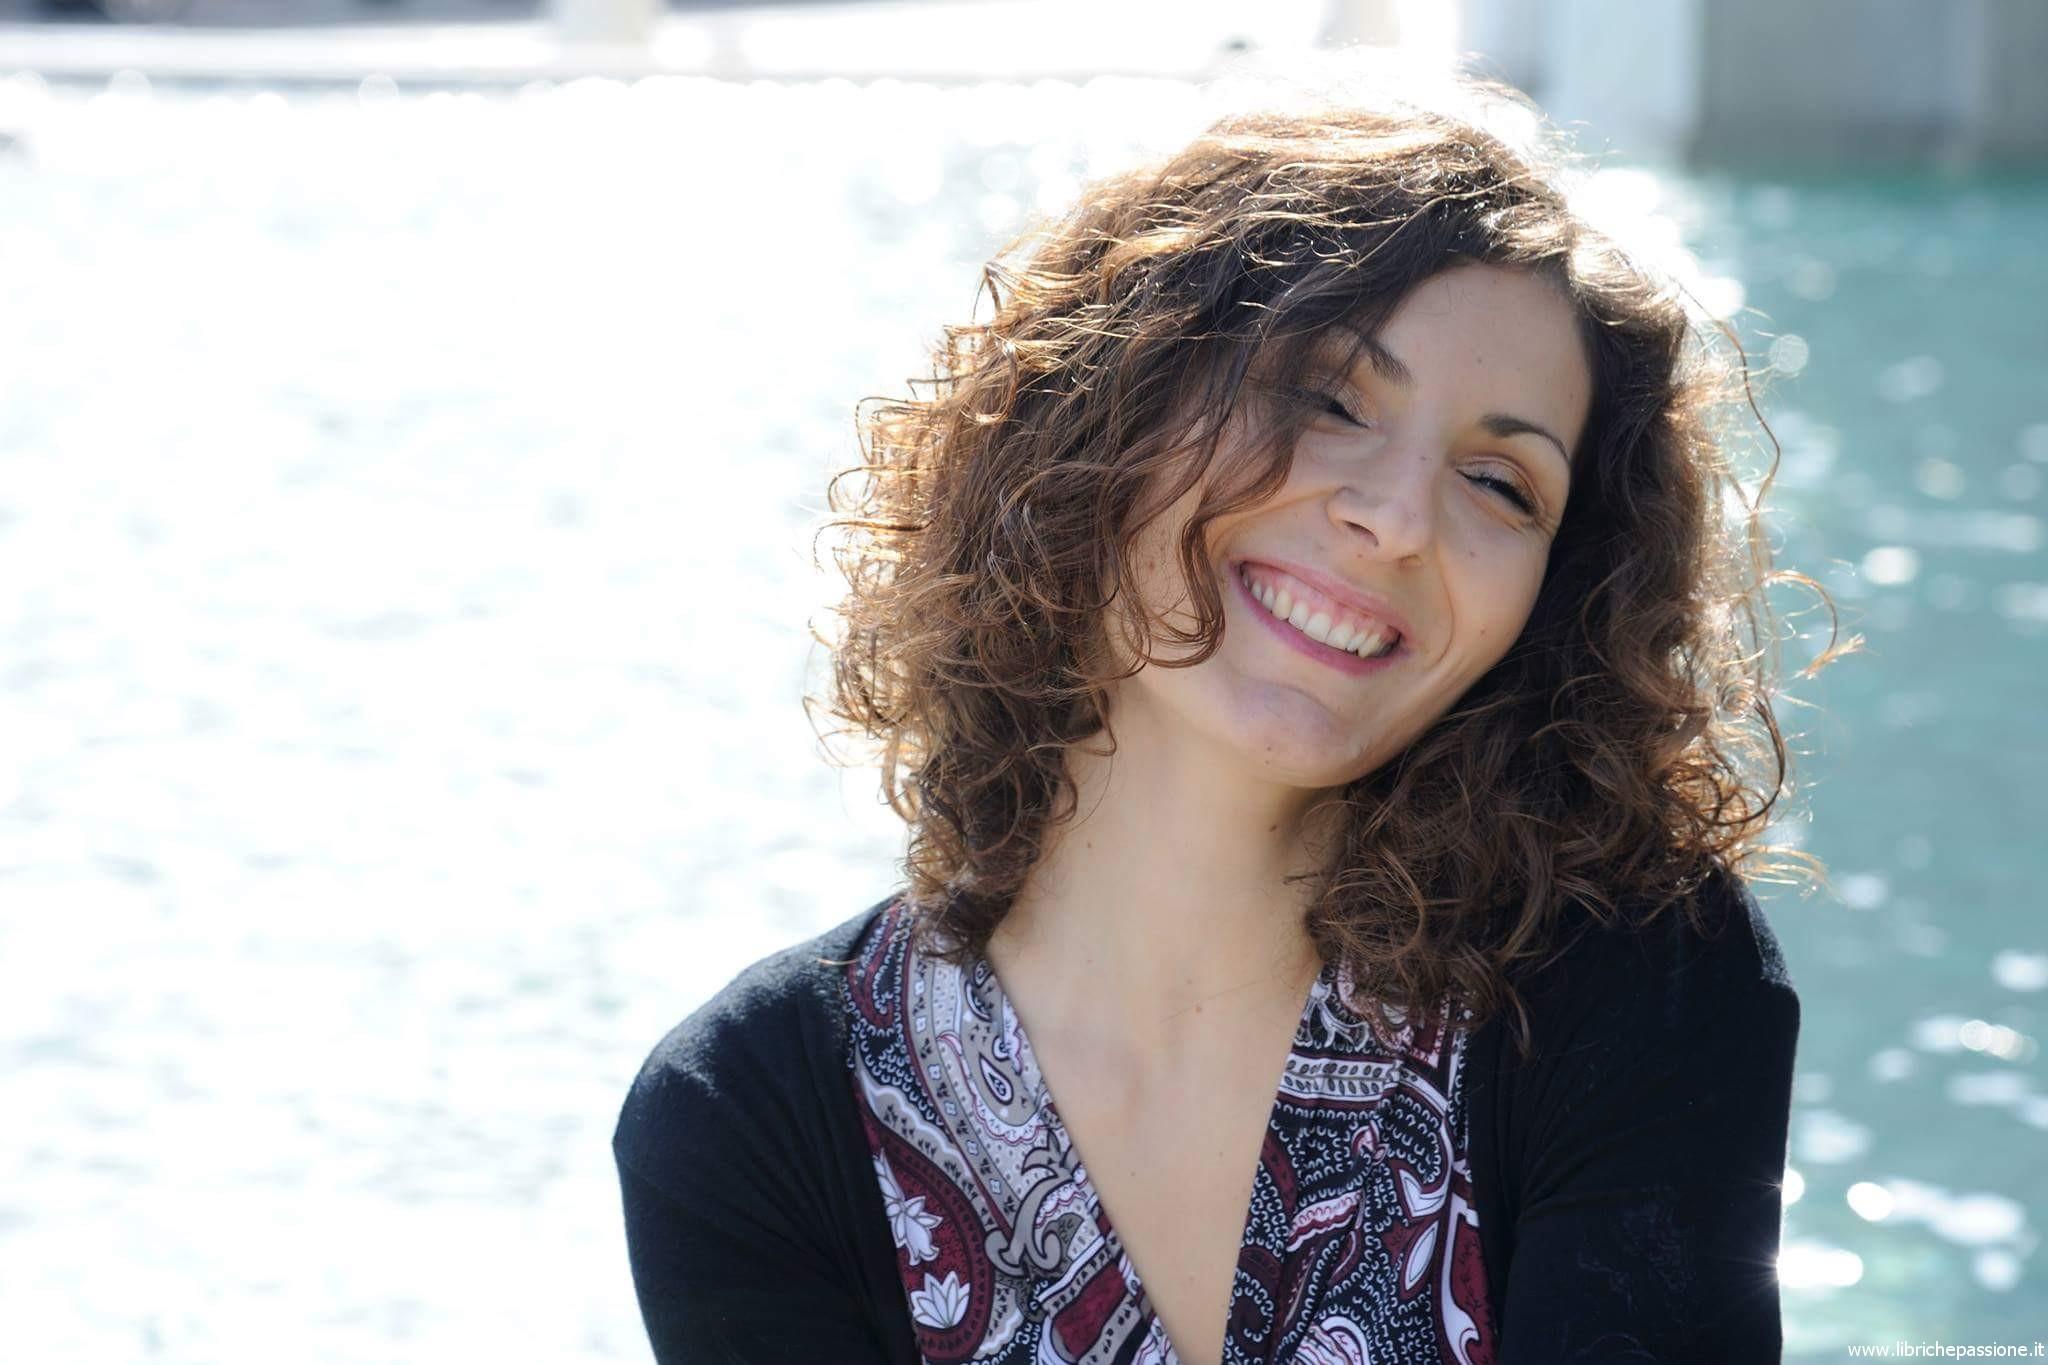 """Intervista alla scrittrice Valentina Cebeni, autrice del romanzo """"La collezionista di meraviglie""""…da domani in libreria!"""